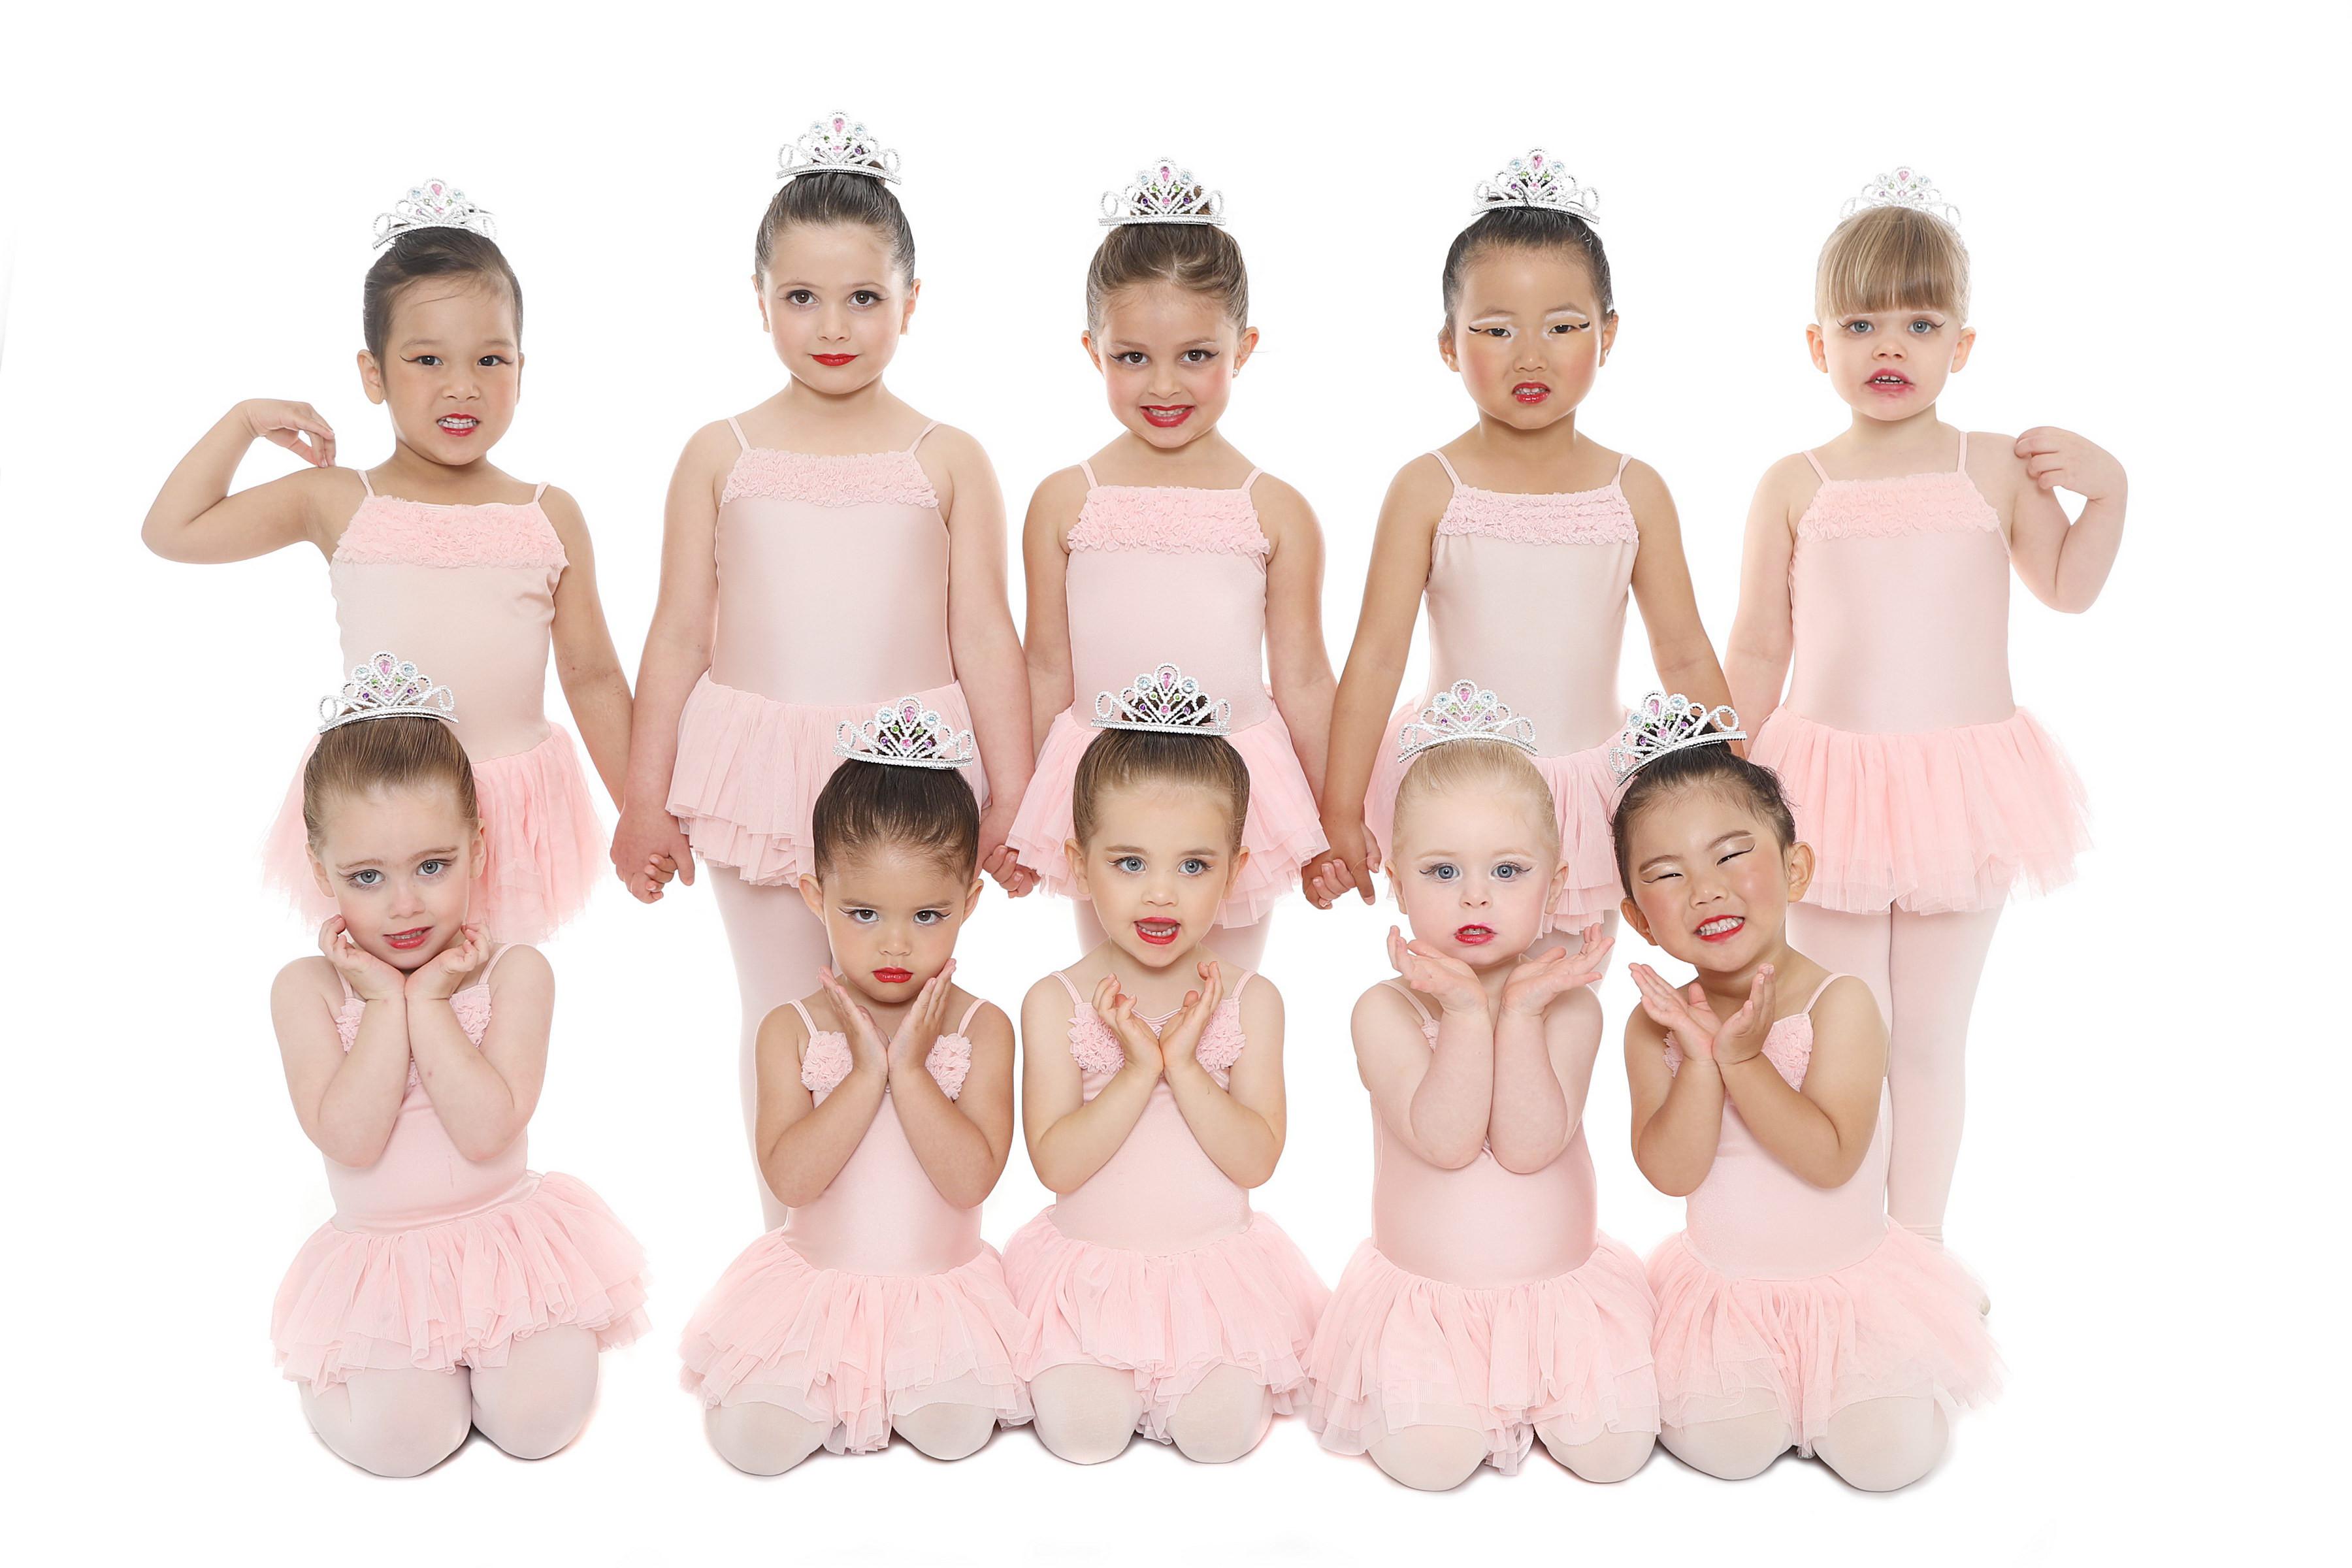 Tiny Tots Ballet - Gordon